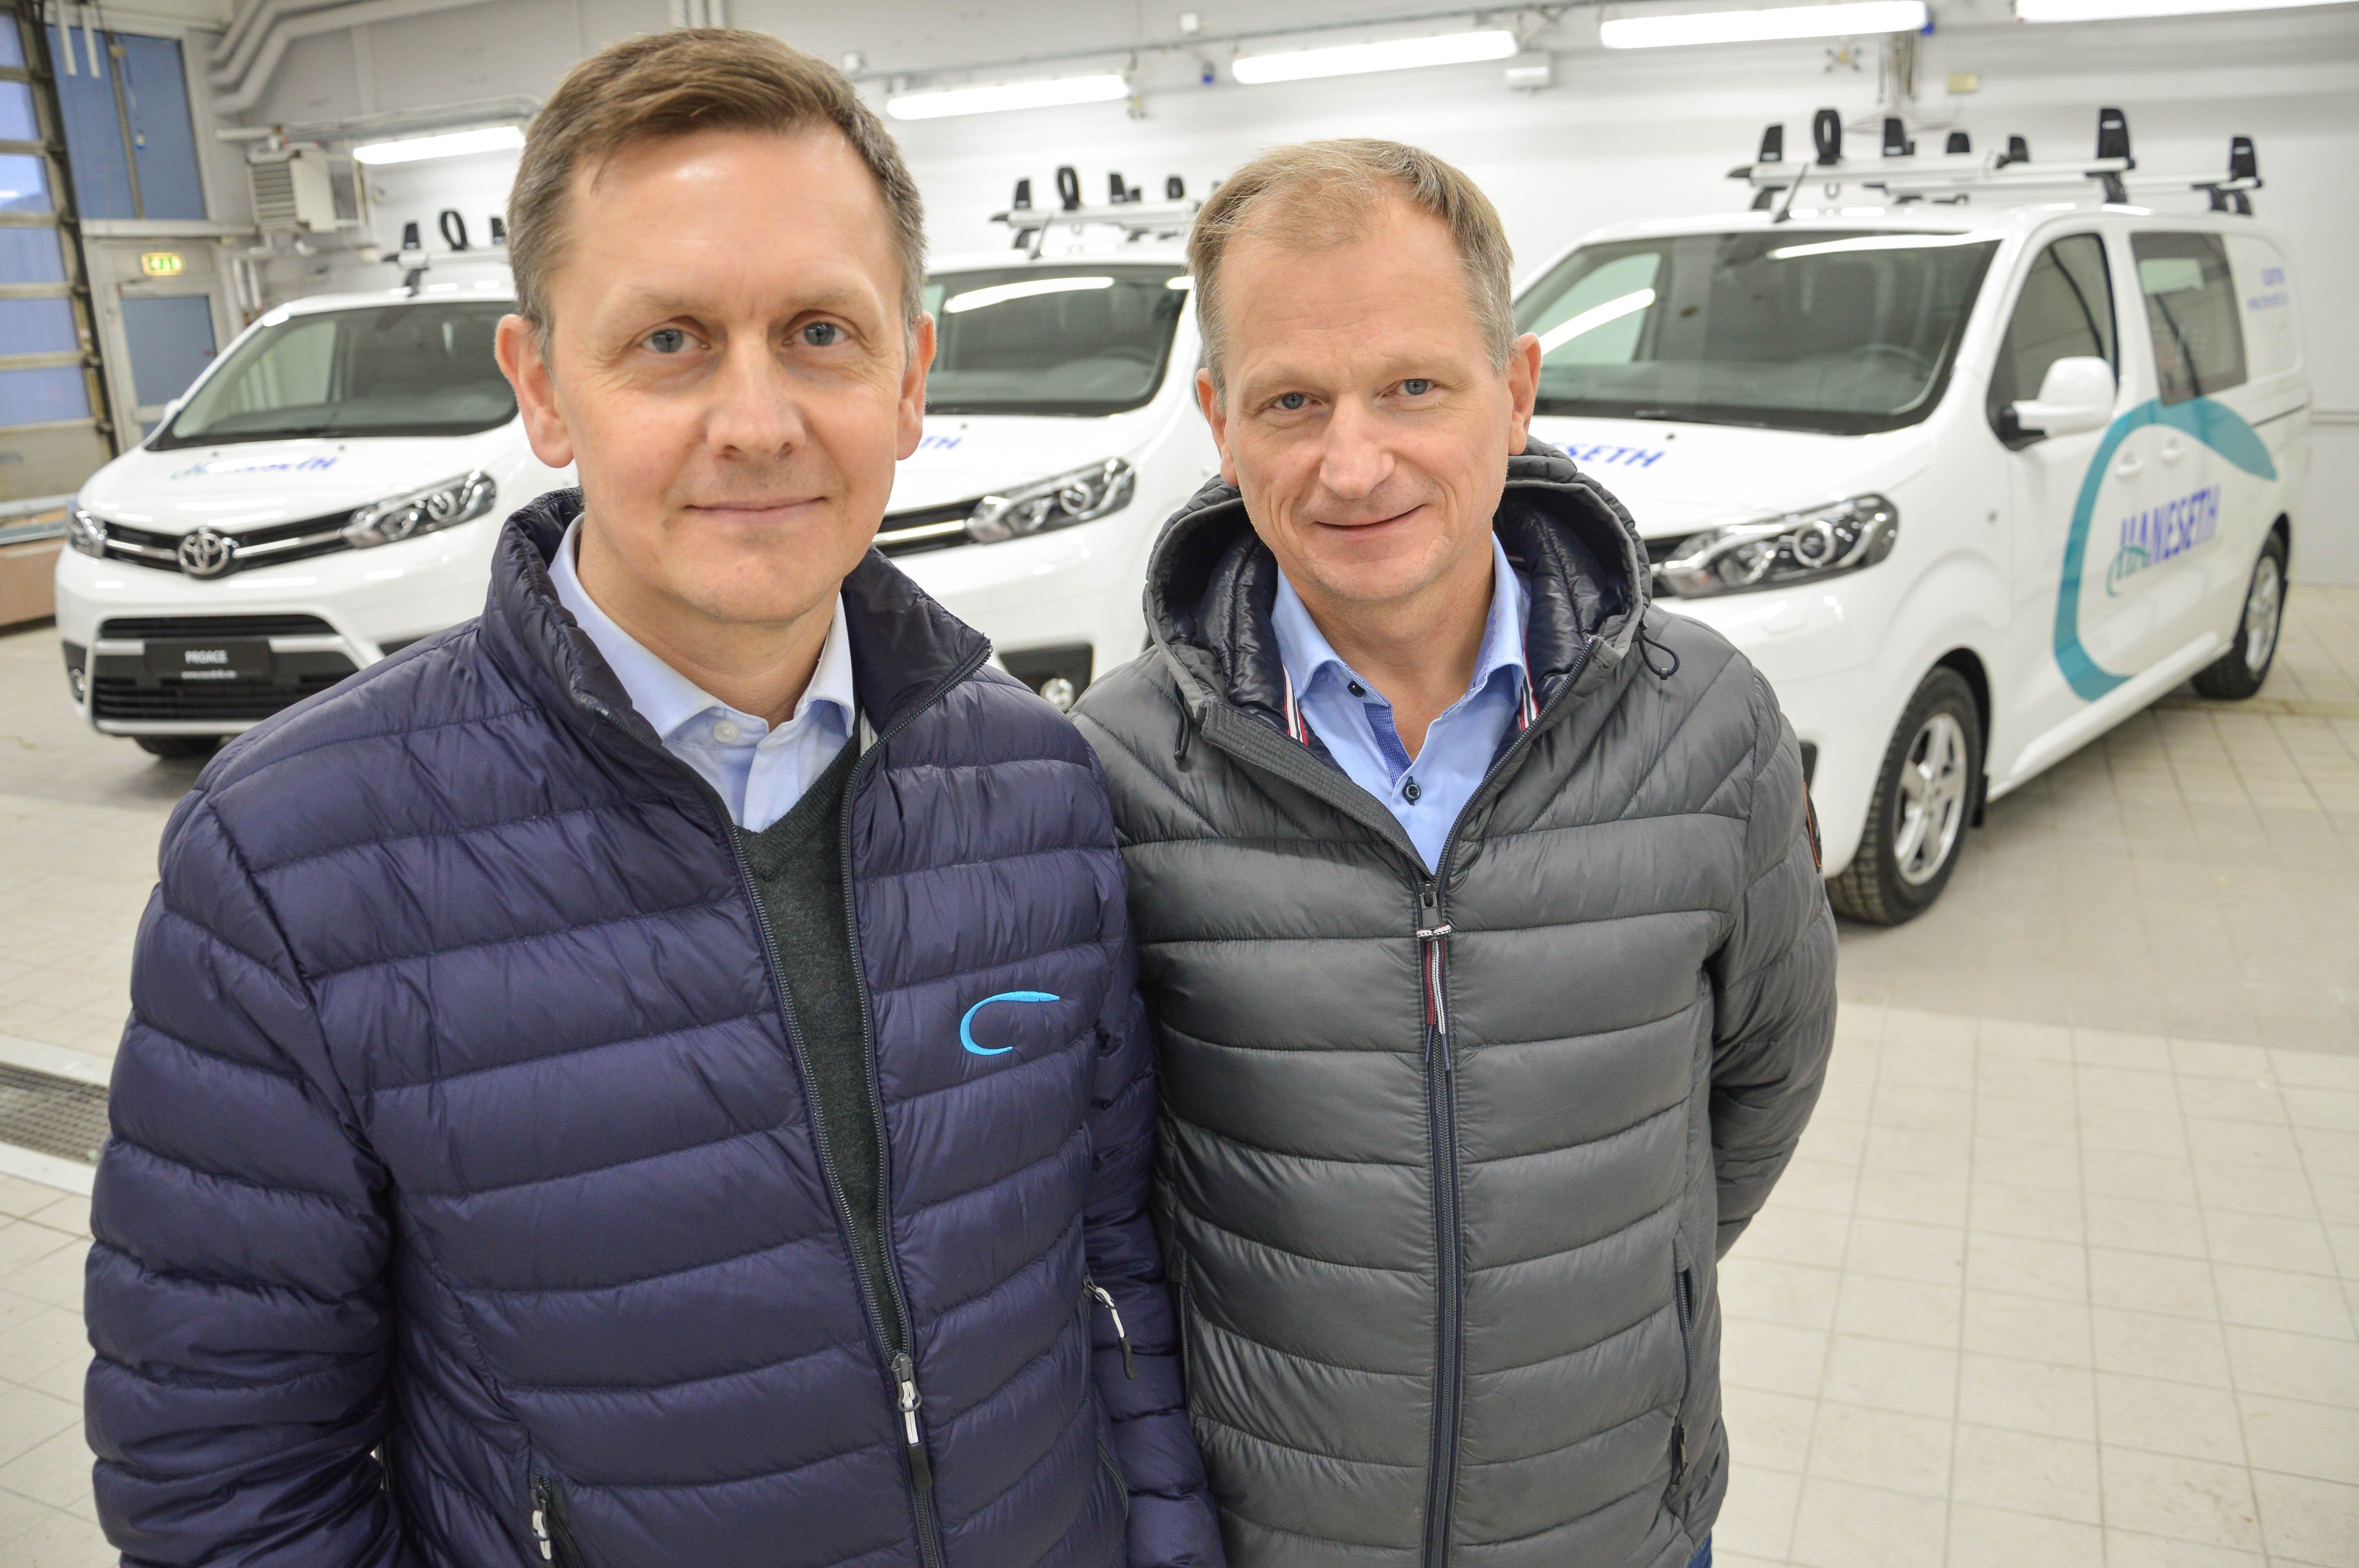 Daglig leder Kjell Hansen og driftssjef Steinar Nesheim i Haneseth Bodø AS er i ferd med å kjøpe seks nye arbeidsbiler til montørene. - Vi er opptatt av at de ansatte har ordentlige biler, og vi kjøper nye rundt hvert femte til syvende år, sier Hansen.